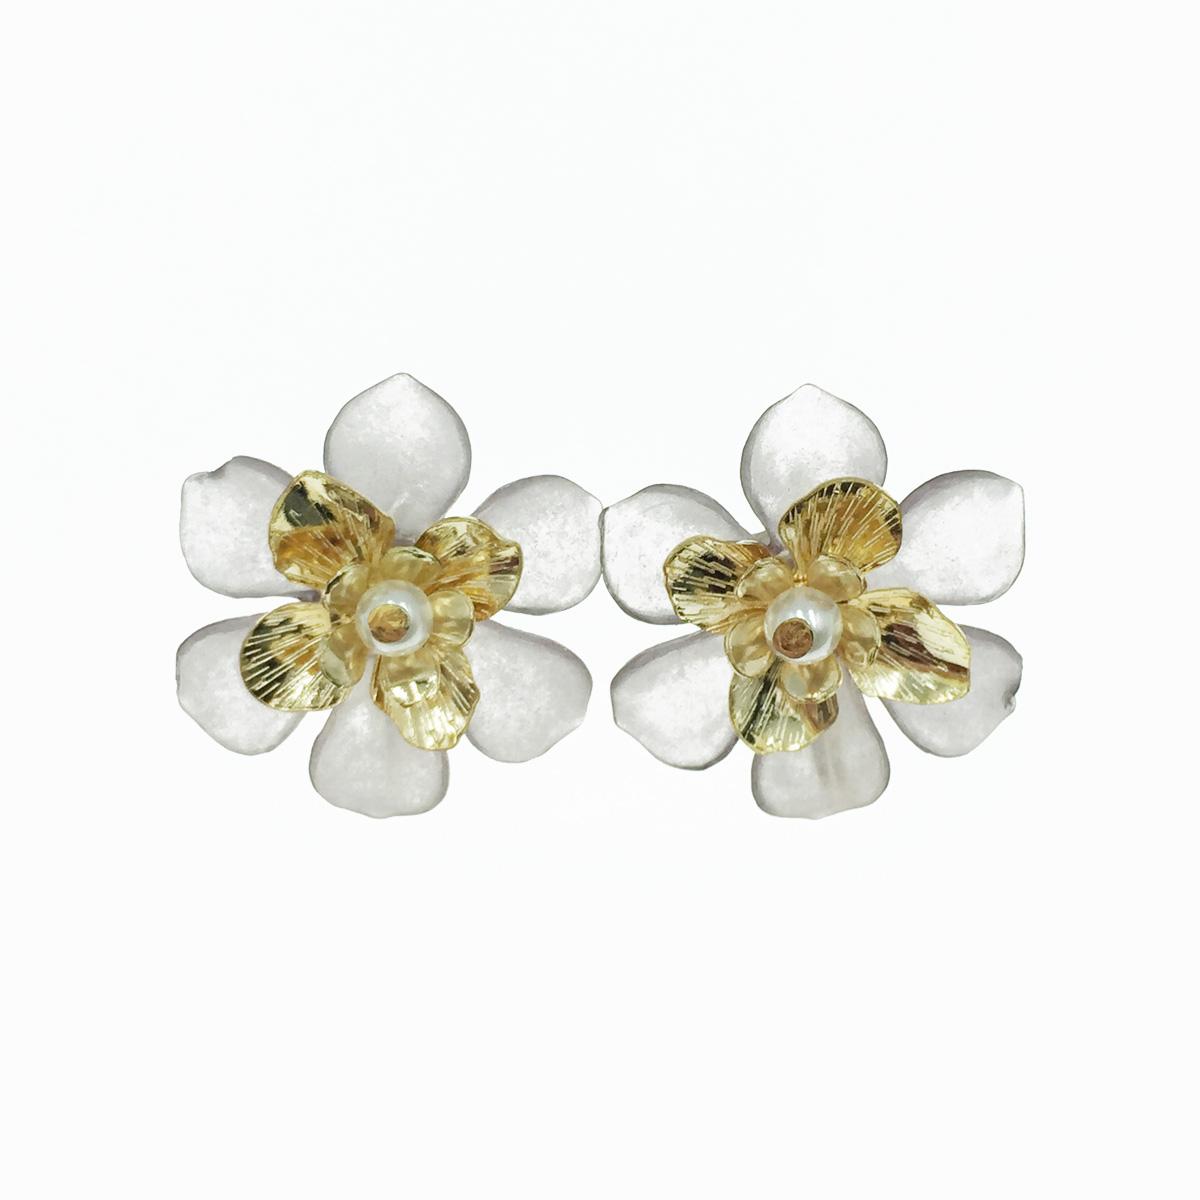 韓國 花造型 層次花瓣 珍珠 夾式耳環